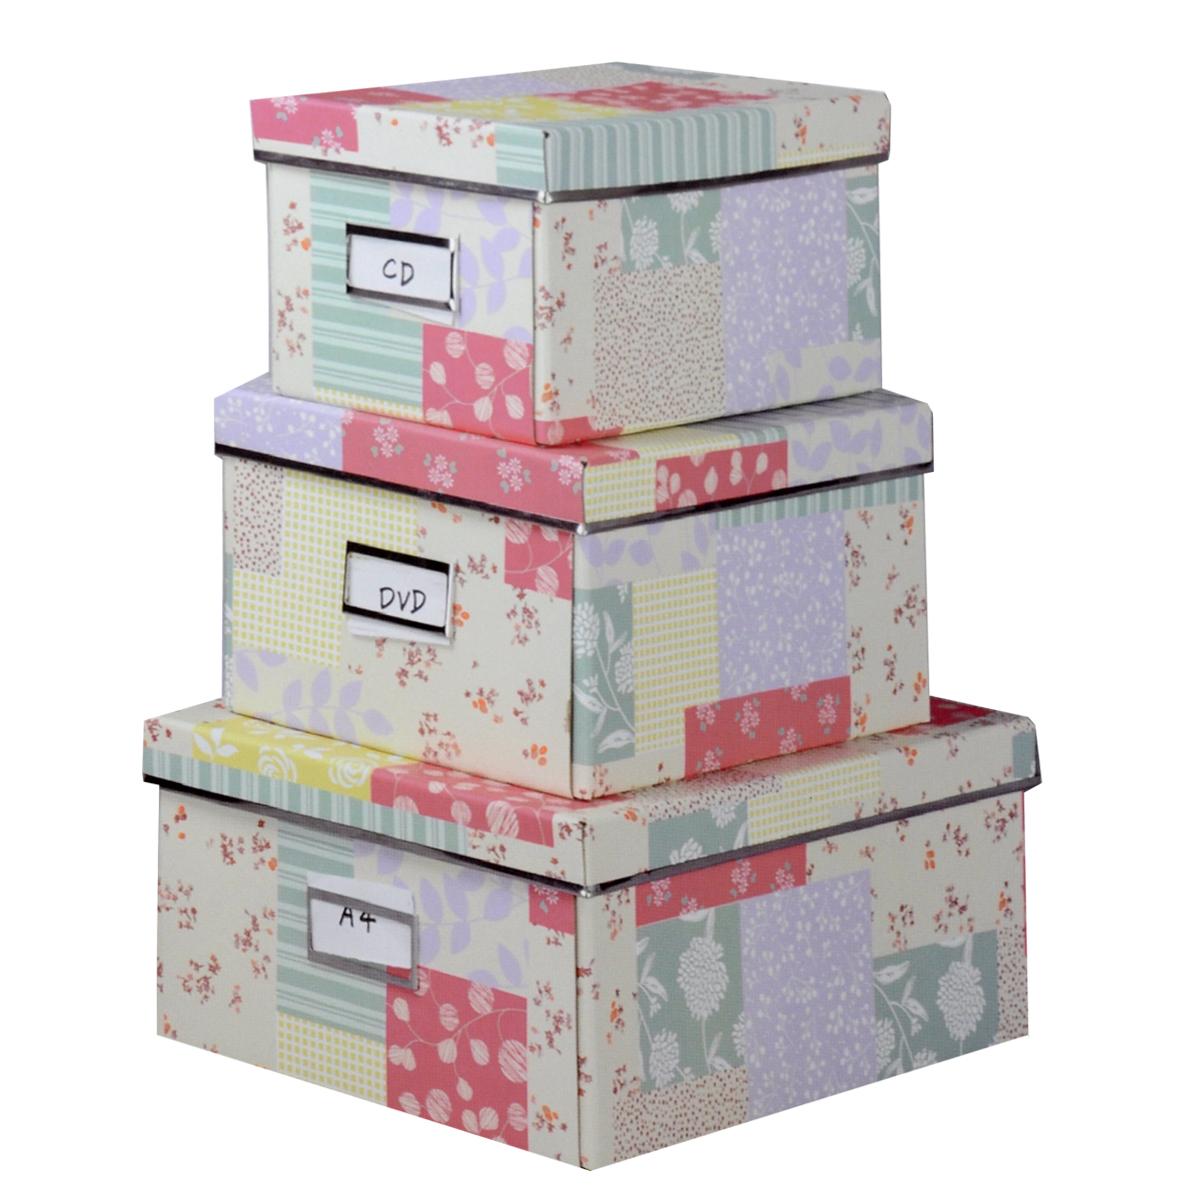 Набор коробок для хранения Нежность, 3 штLS-8181/8180/8179_3Кофры для хранения Нежность прекрасно подойдут для хранения личных вещей, различных аксессуаров, а также бытовых предметов. В комплекте 3 прямоугольных кофра разного размера, с крышками. Изделия выполнены из плотного картона, внешняя поверхность оформлена красивым растительным узором пастельных оттенков. Каждая из коробок снабжена специальным окошком, куда можно поместить стикер с пометкой содержимого. Эстетичный дизайн позволит набору гармонично вписаться в любой интерьер.Размер малого кофра: 16 см х 28 см х 14 см. Размер среднего кофра: 21 см х 28 см х 15 см. Размер большого кофра: 25 см х 36 см х 15 см.